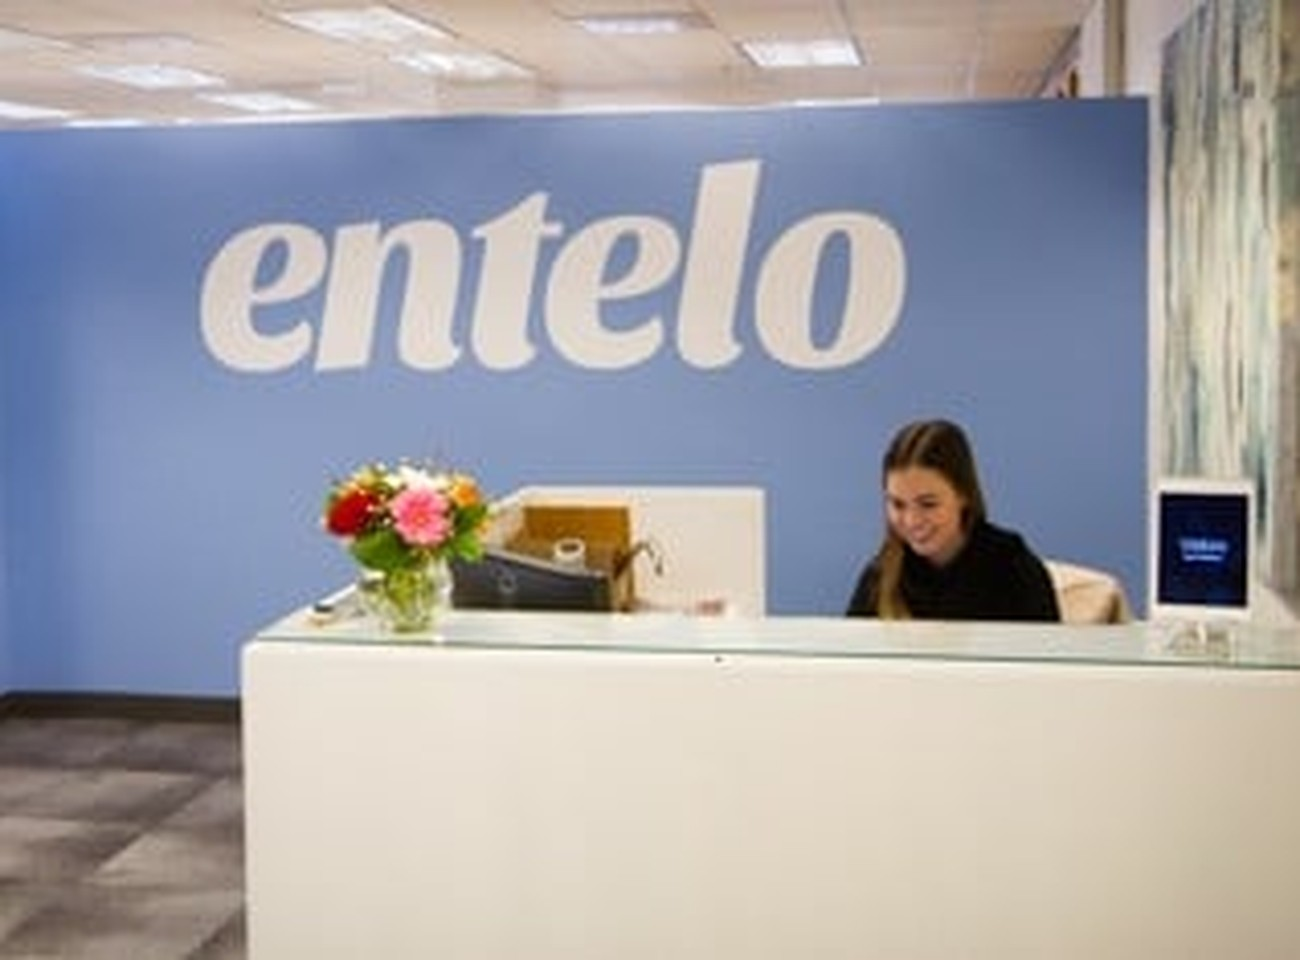 Entelo Careers